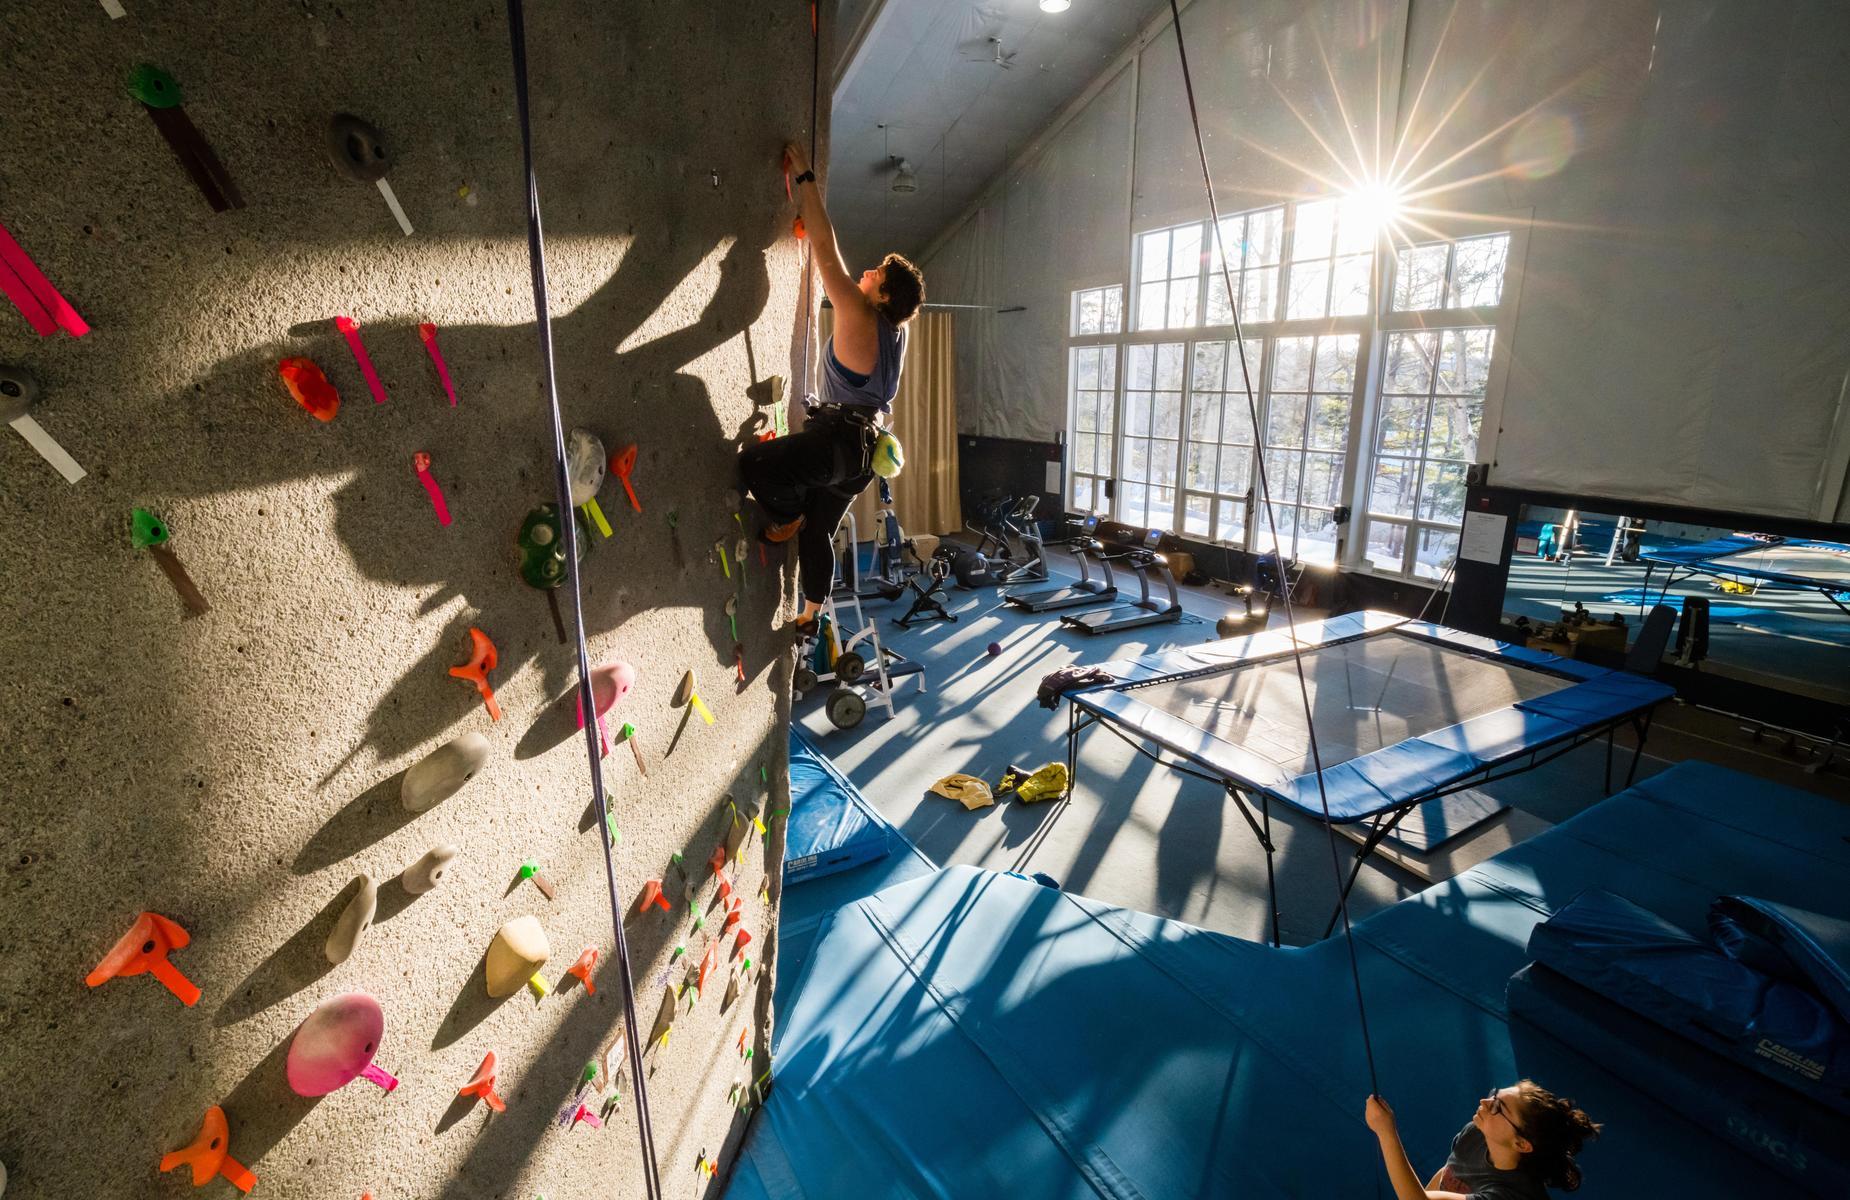 一个学生正爬到JDB电子攀岩墙的顶端.